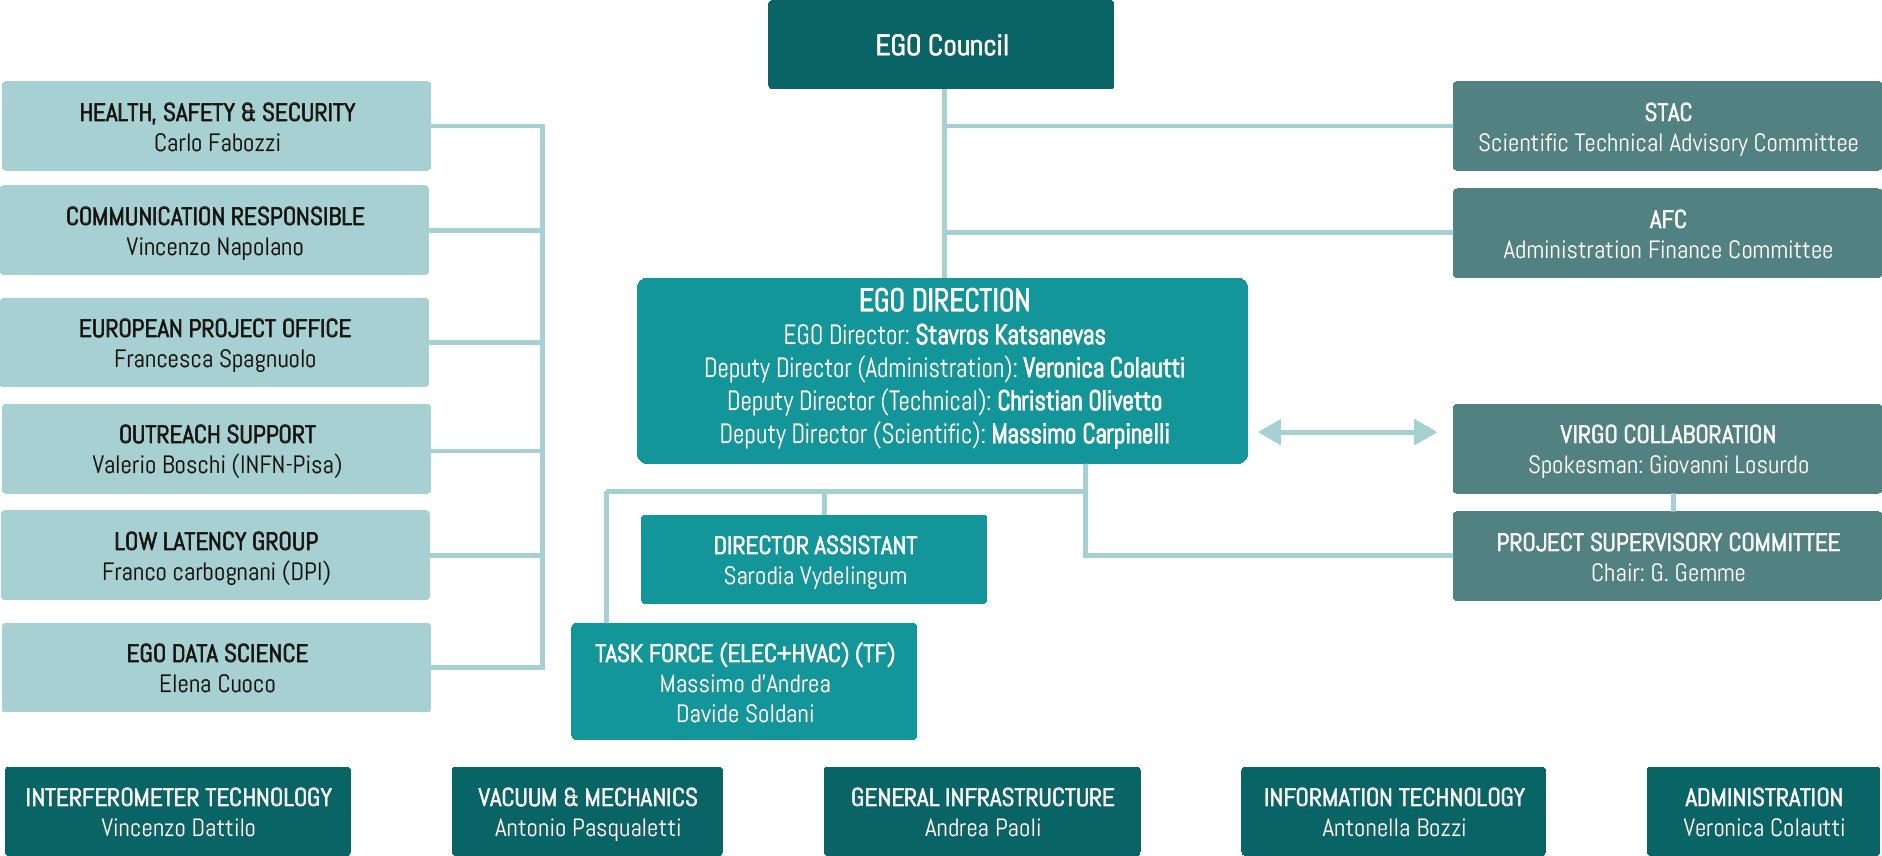 EGO Organization